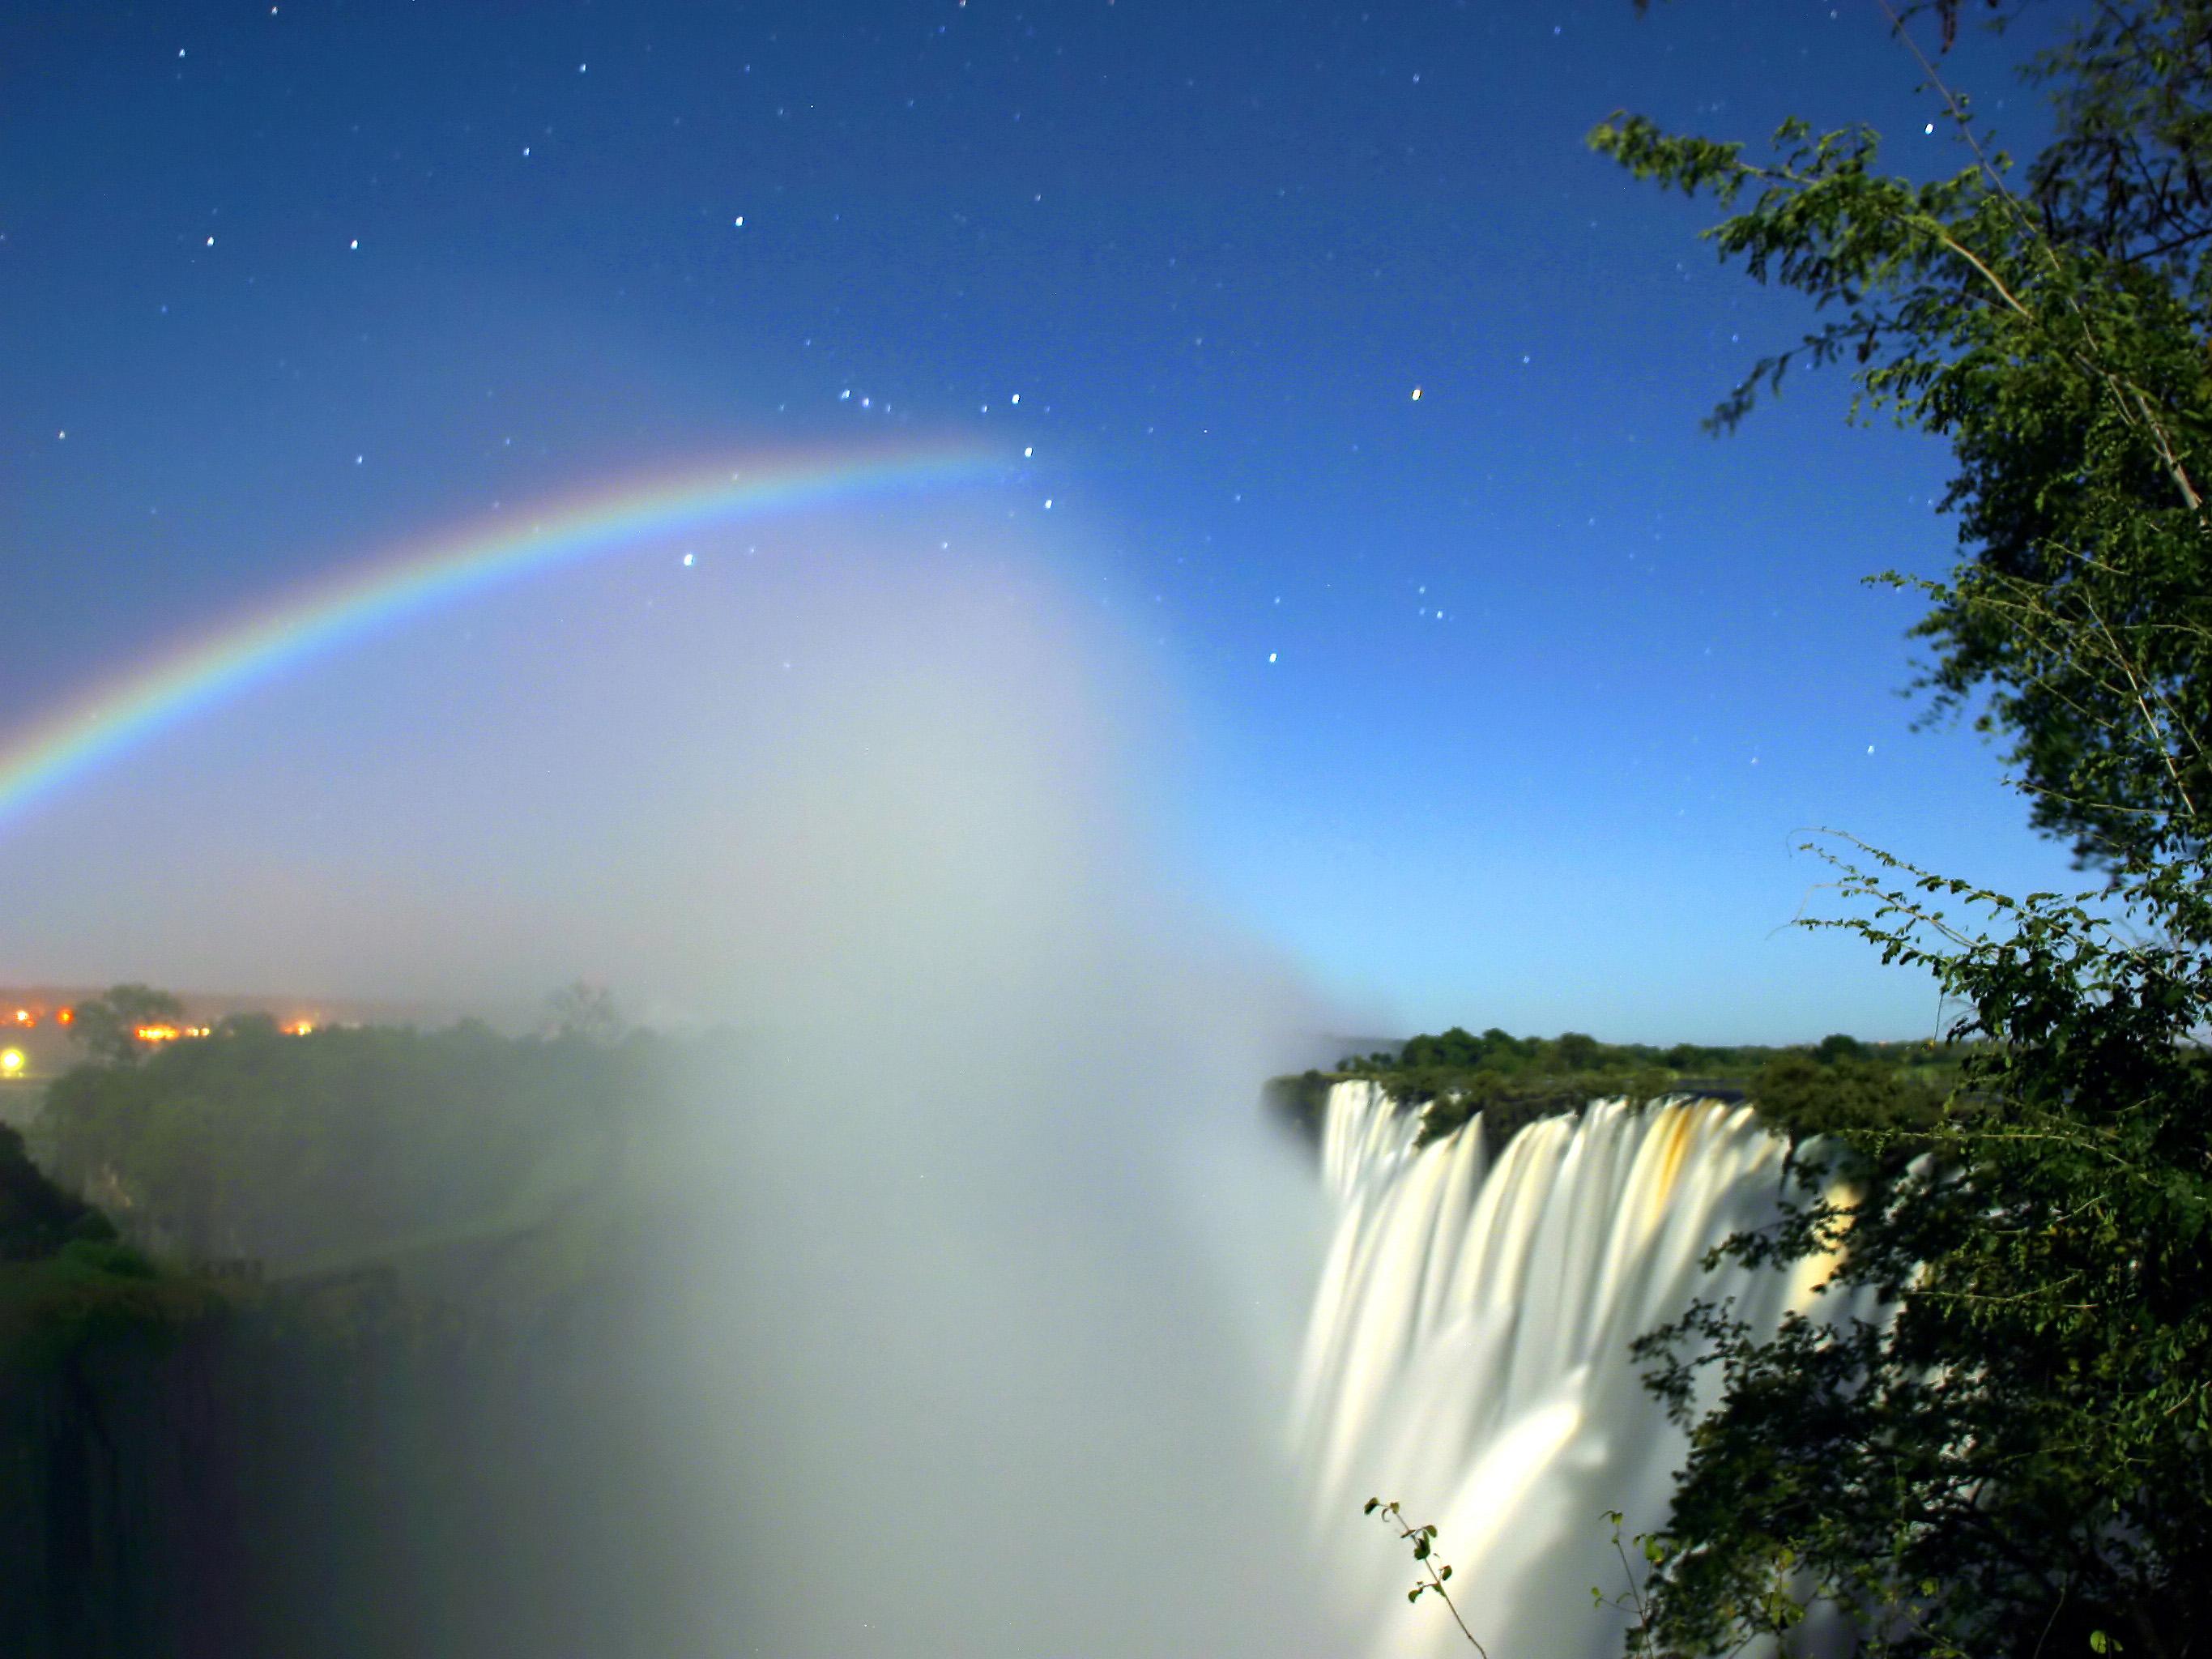 Lunar Rainbow 3 - ORION L - Victoria Falls - Calvin Bradshaw 3.jpg